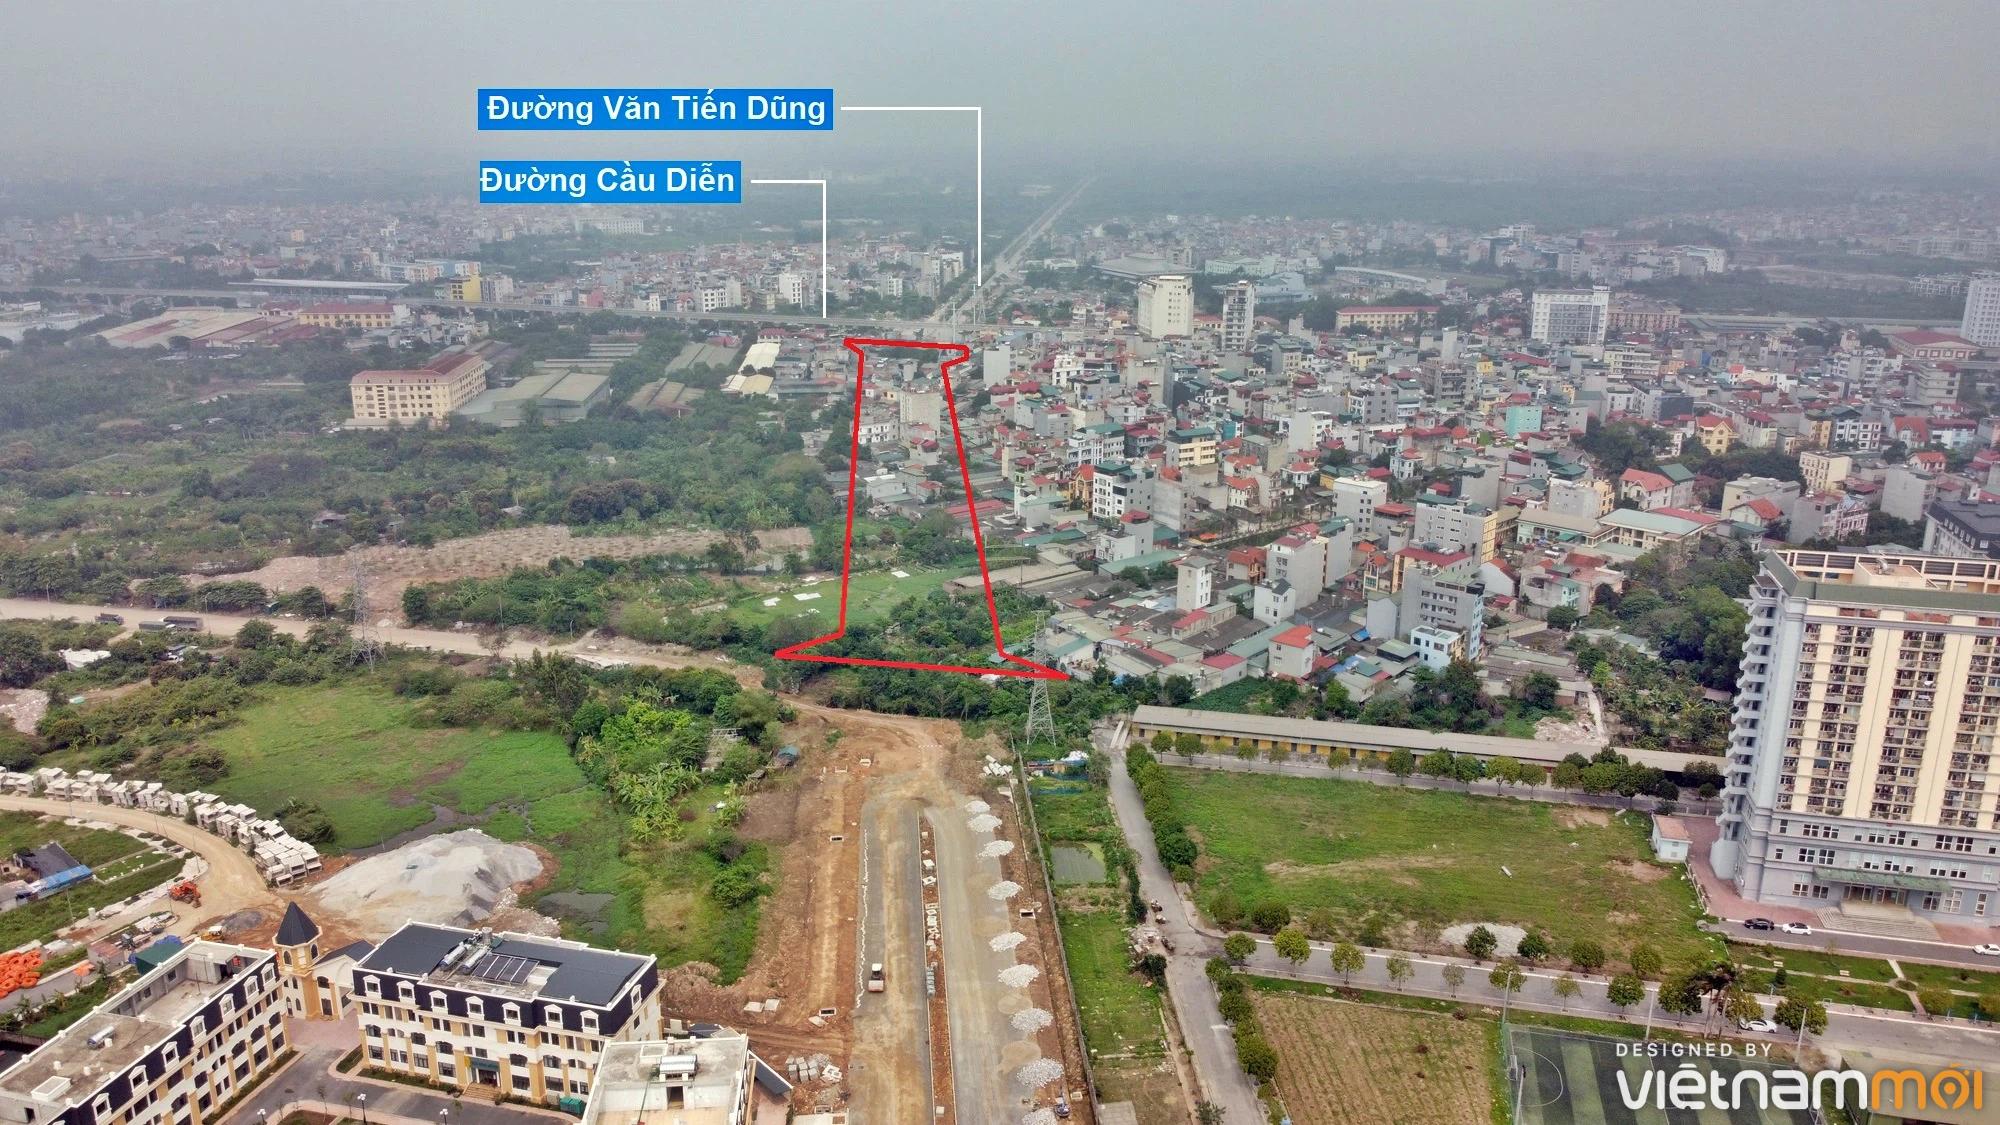 Những khu đất sắp thu hồi để mở đường ở phường Phúc Diễn, Bắc Từ Liêm, Hà Nội - Ảnh 5.